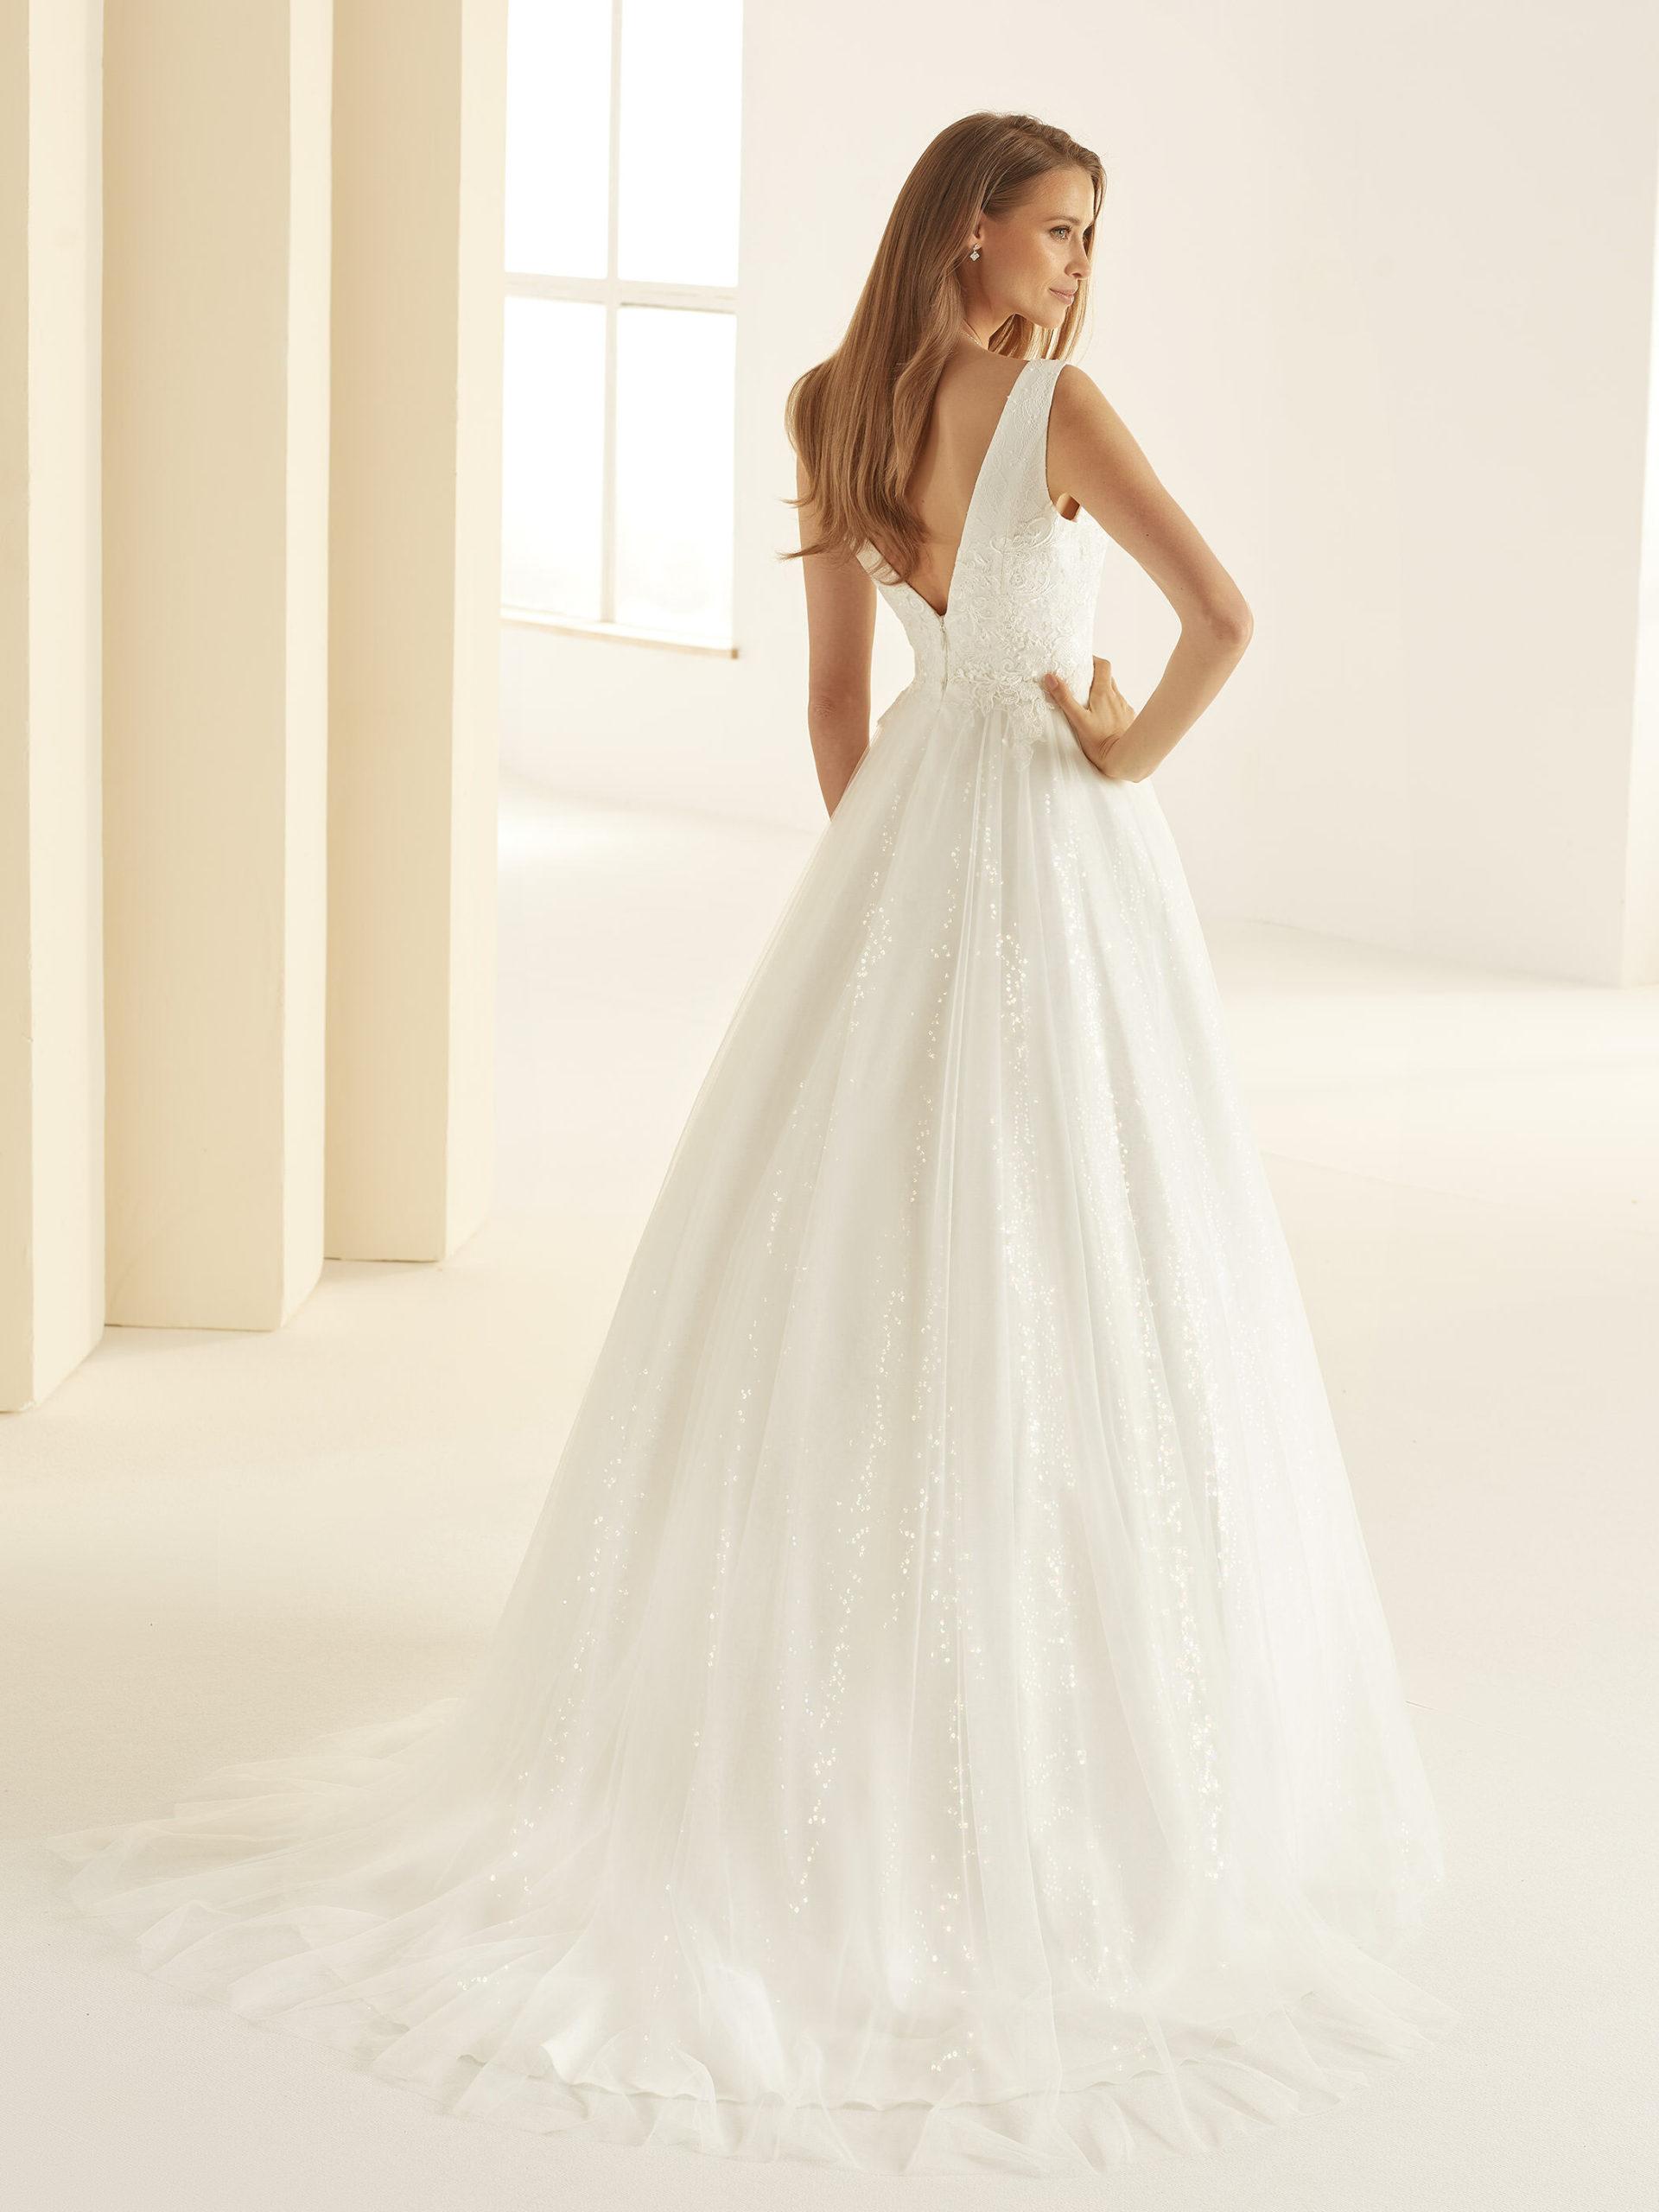 Robe de mariée paillette bianco evento